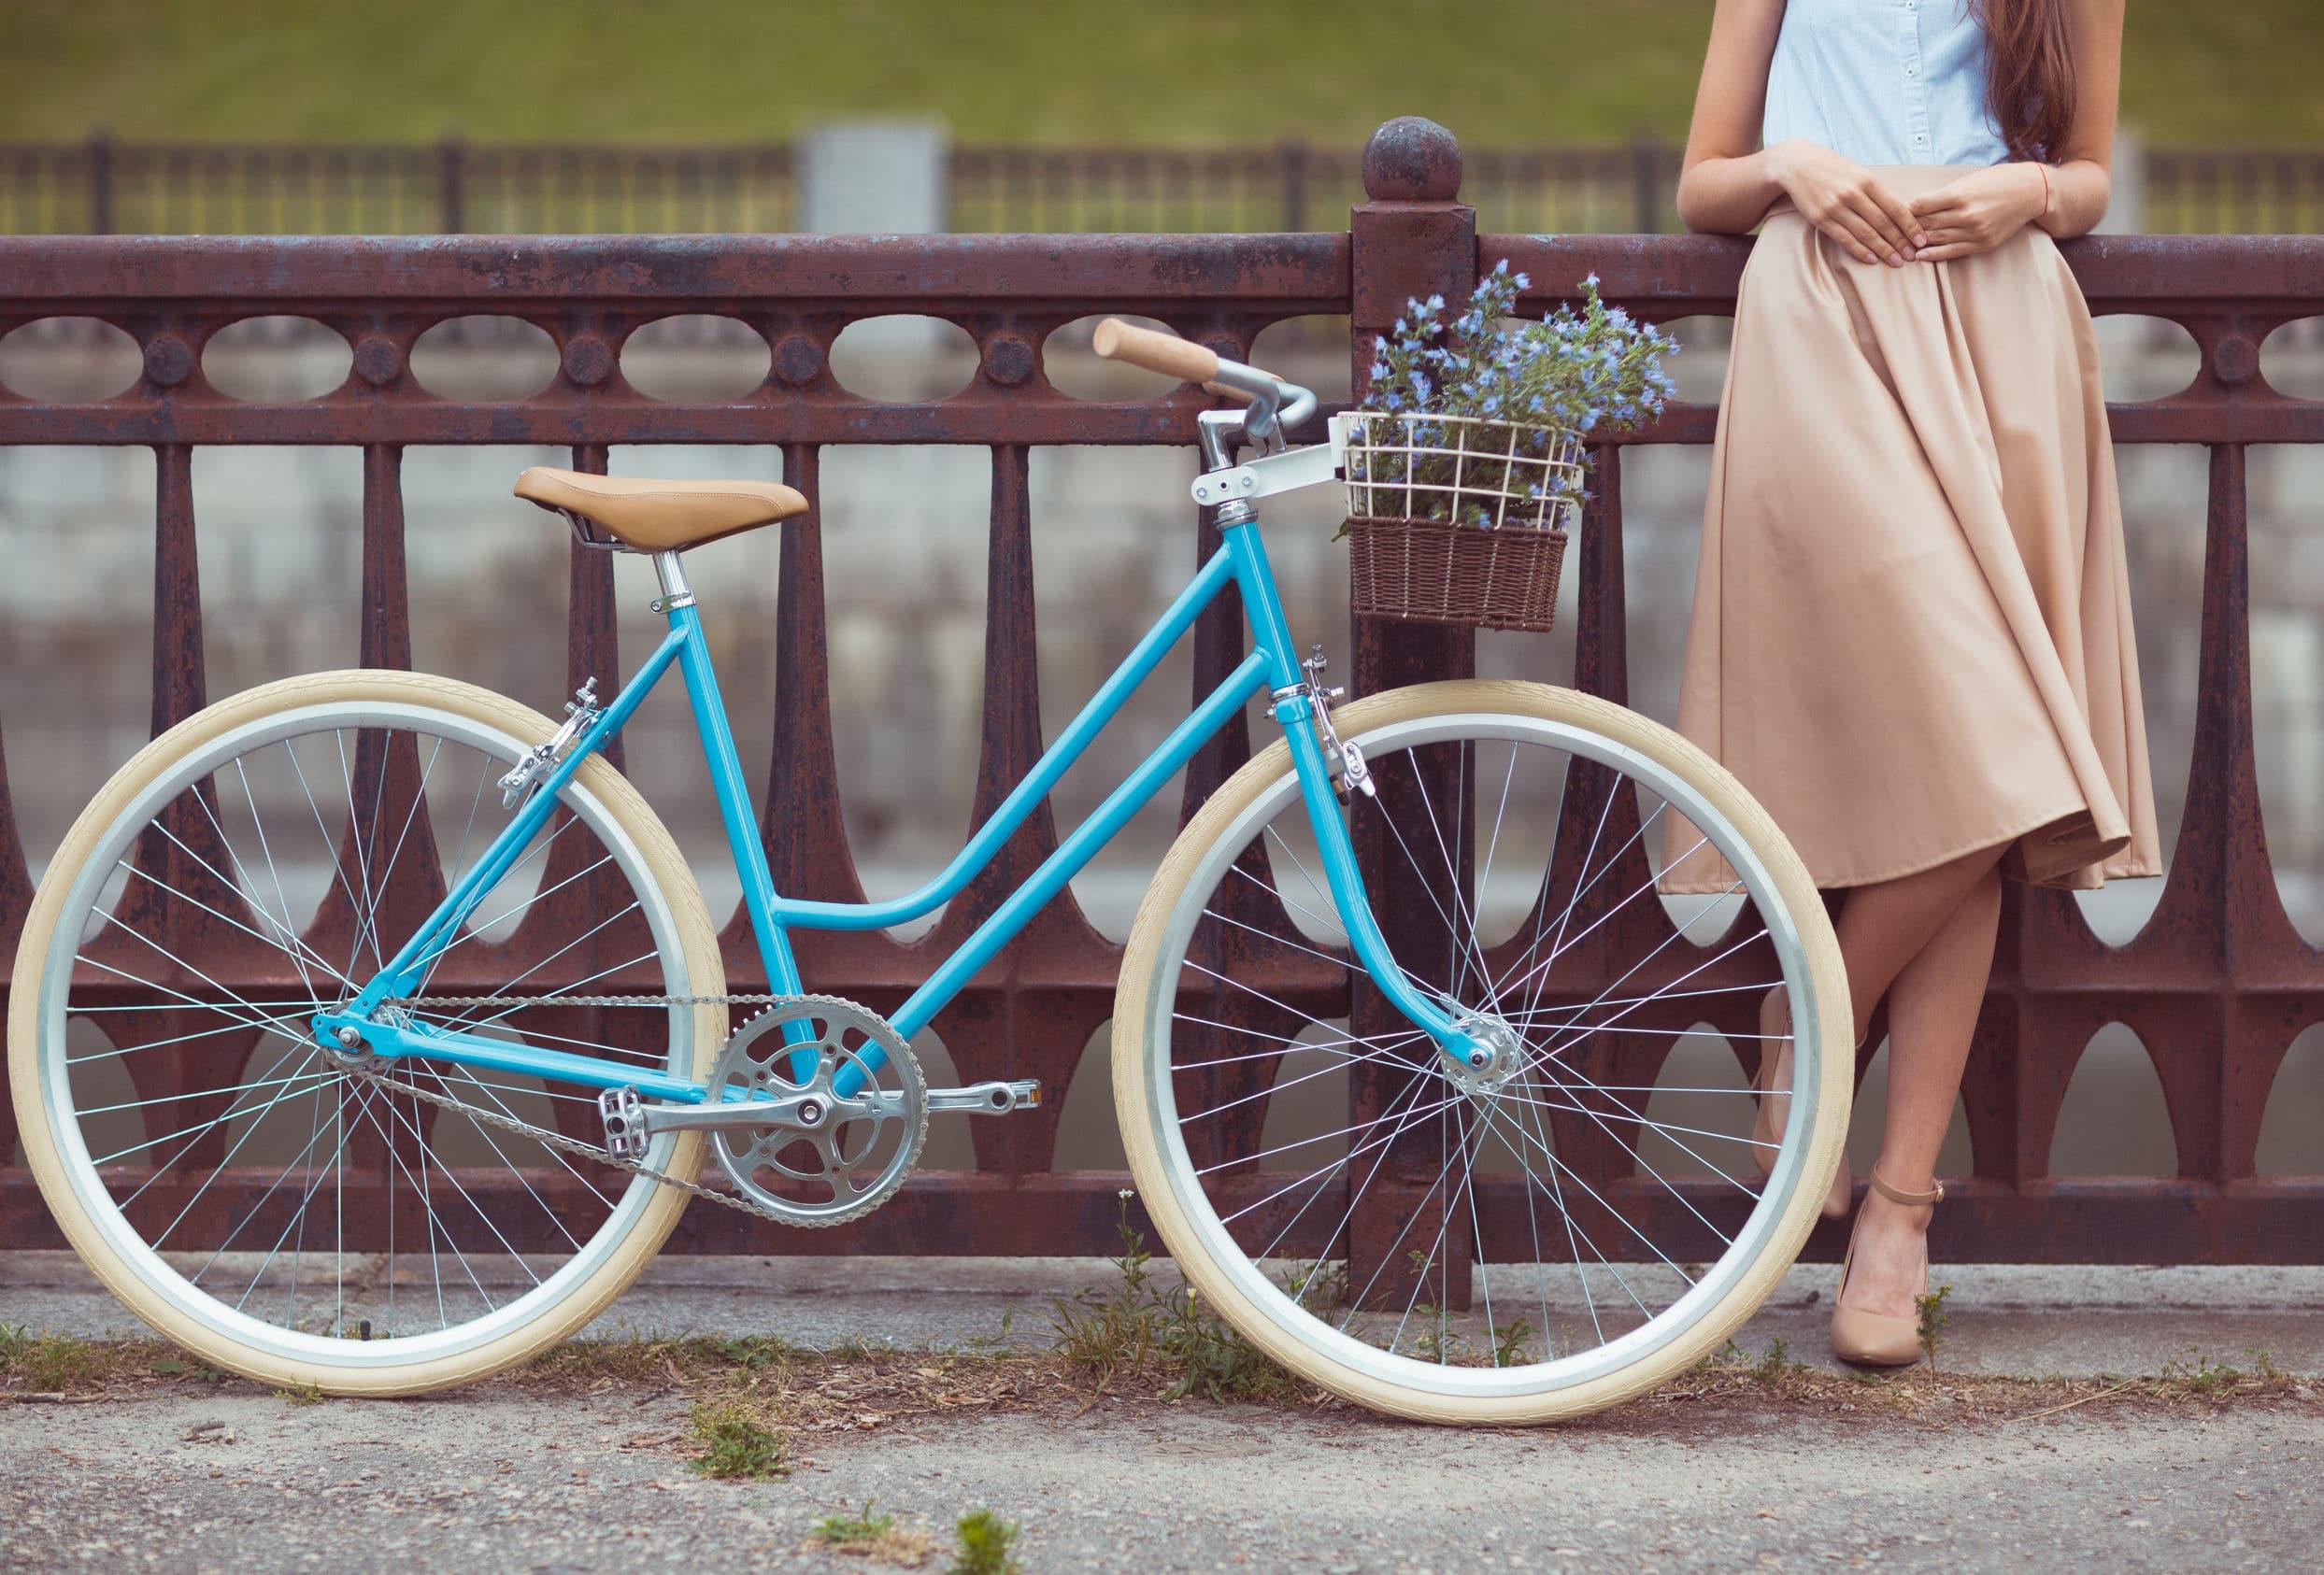 Bicicleta azul com flores no cesto do guidão ao lado de uma mulher.